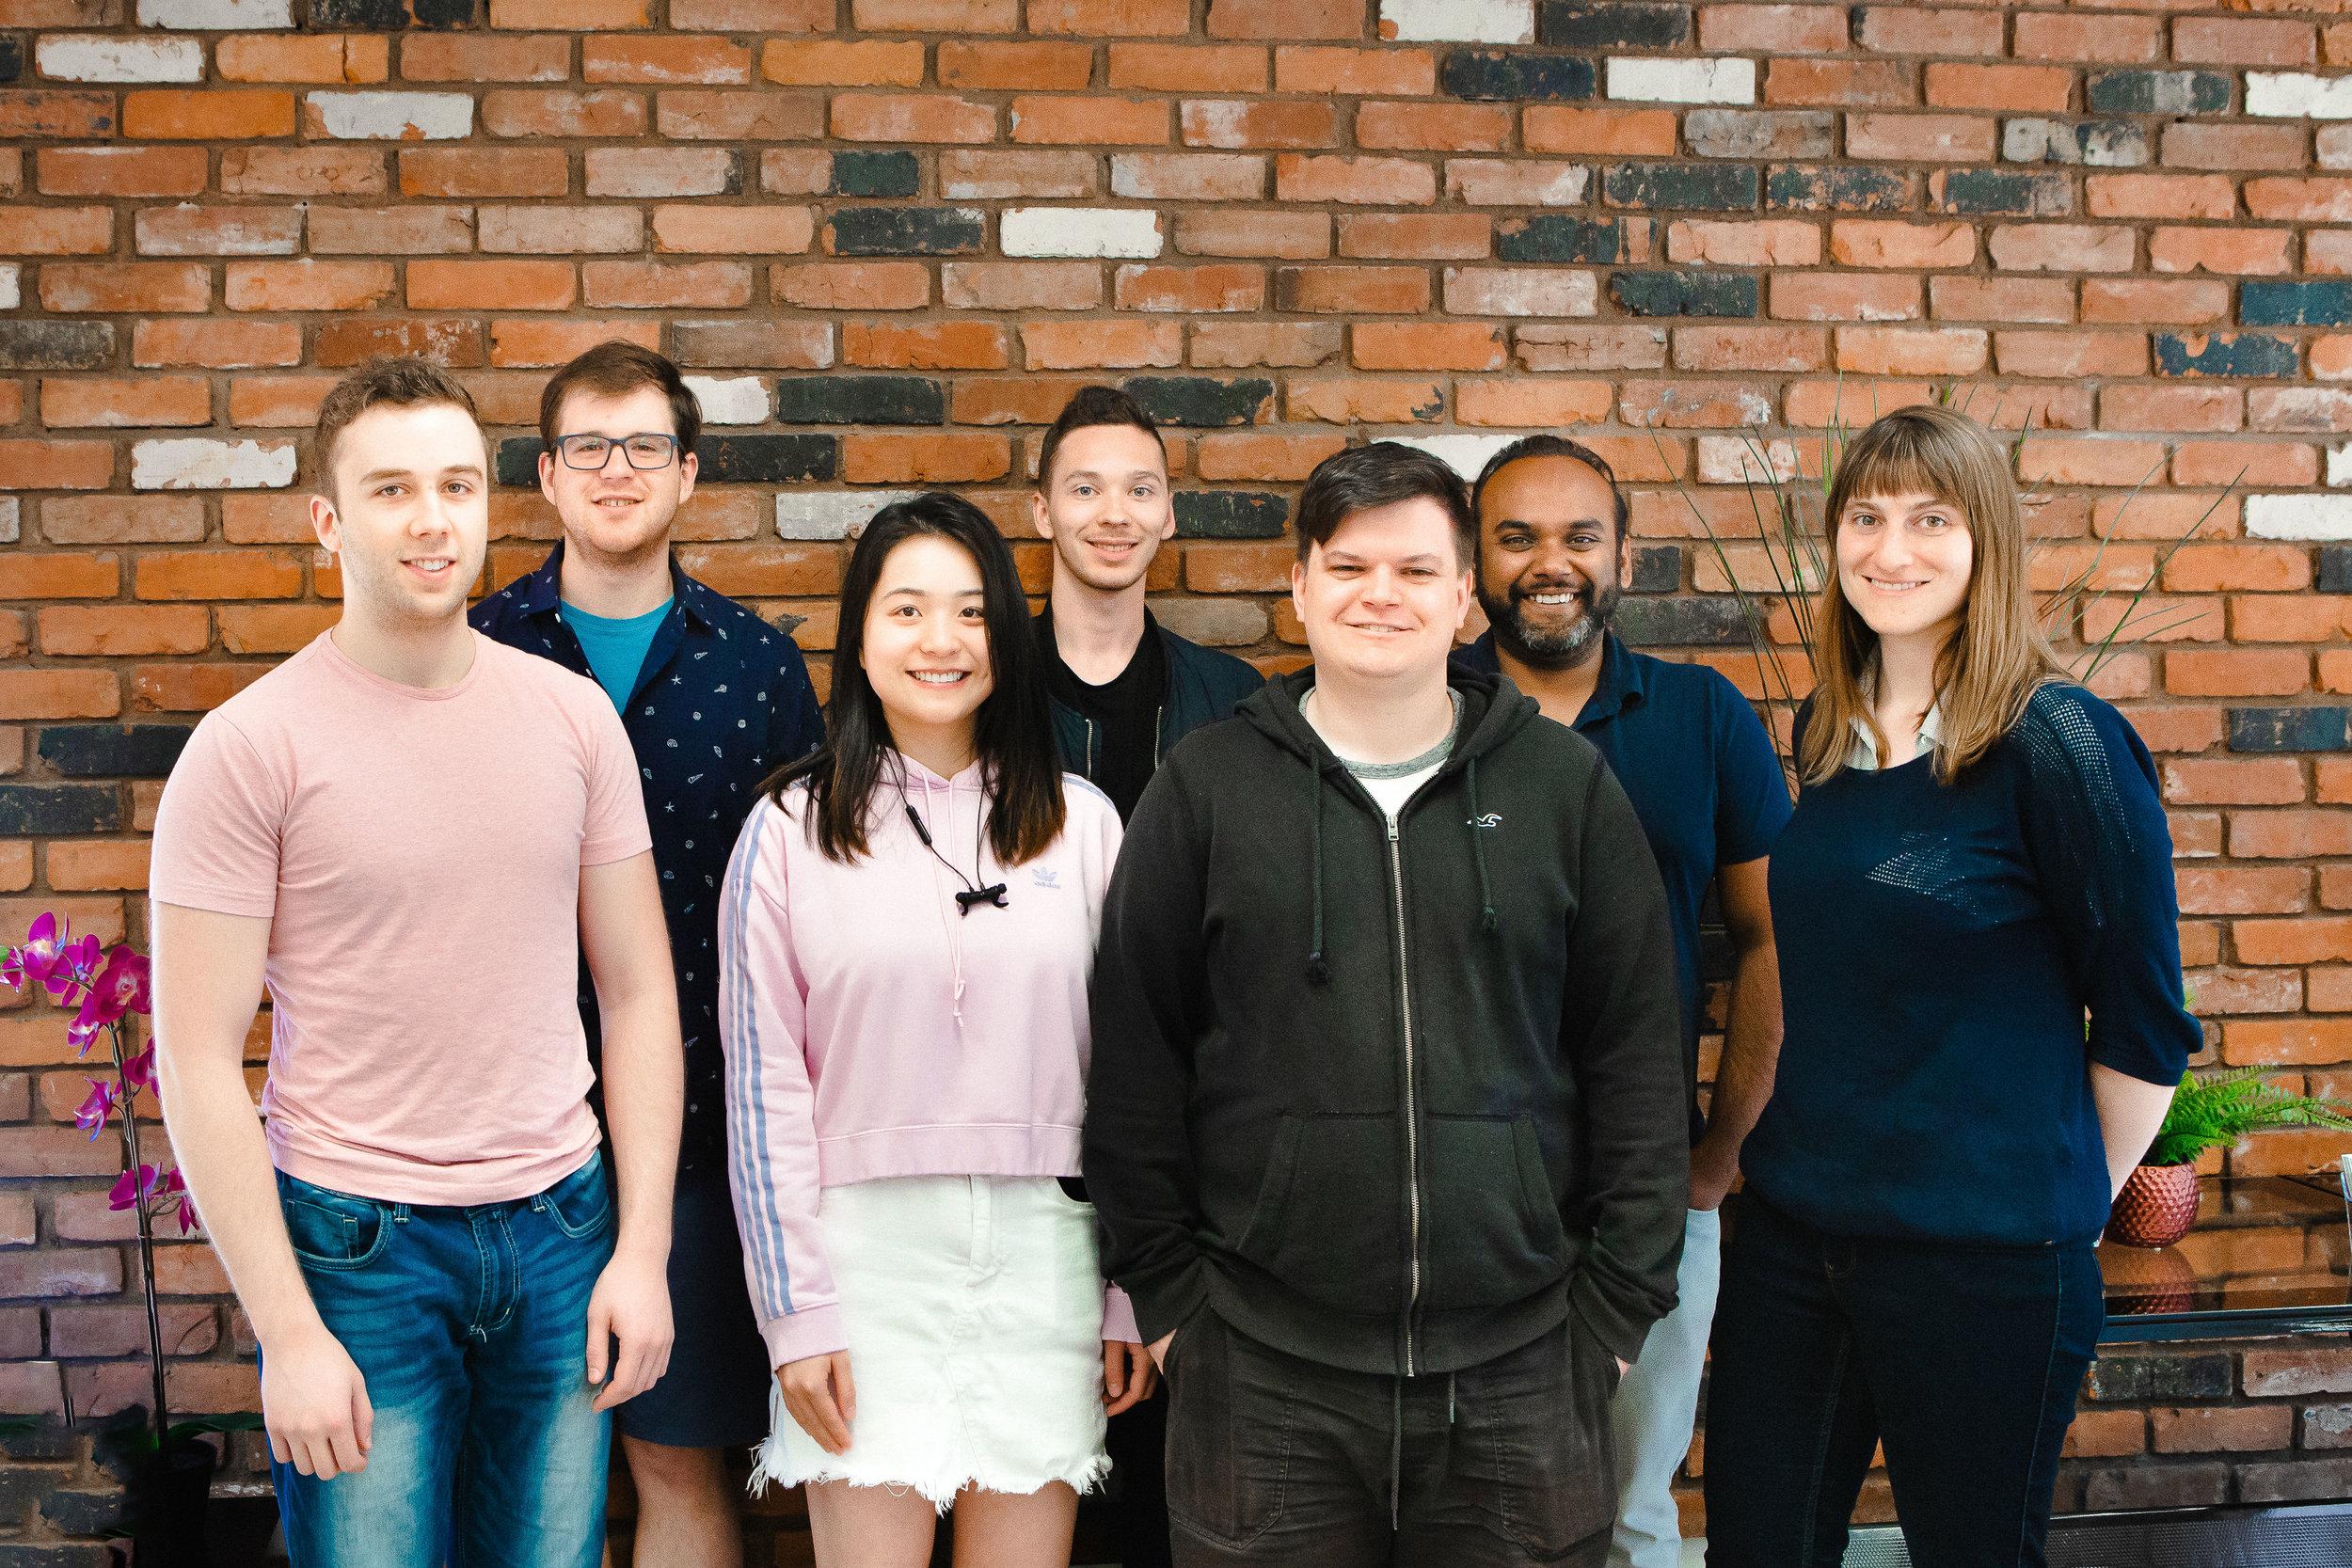 APFM Project Team. From left to right: Jared Jewitt, Adam Dubicki, Vivian Zhang, Brendan Walker, JP DuBouchard, Rachit Khare, Kendall Olsen-Maier